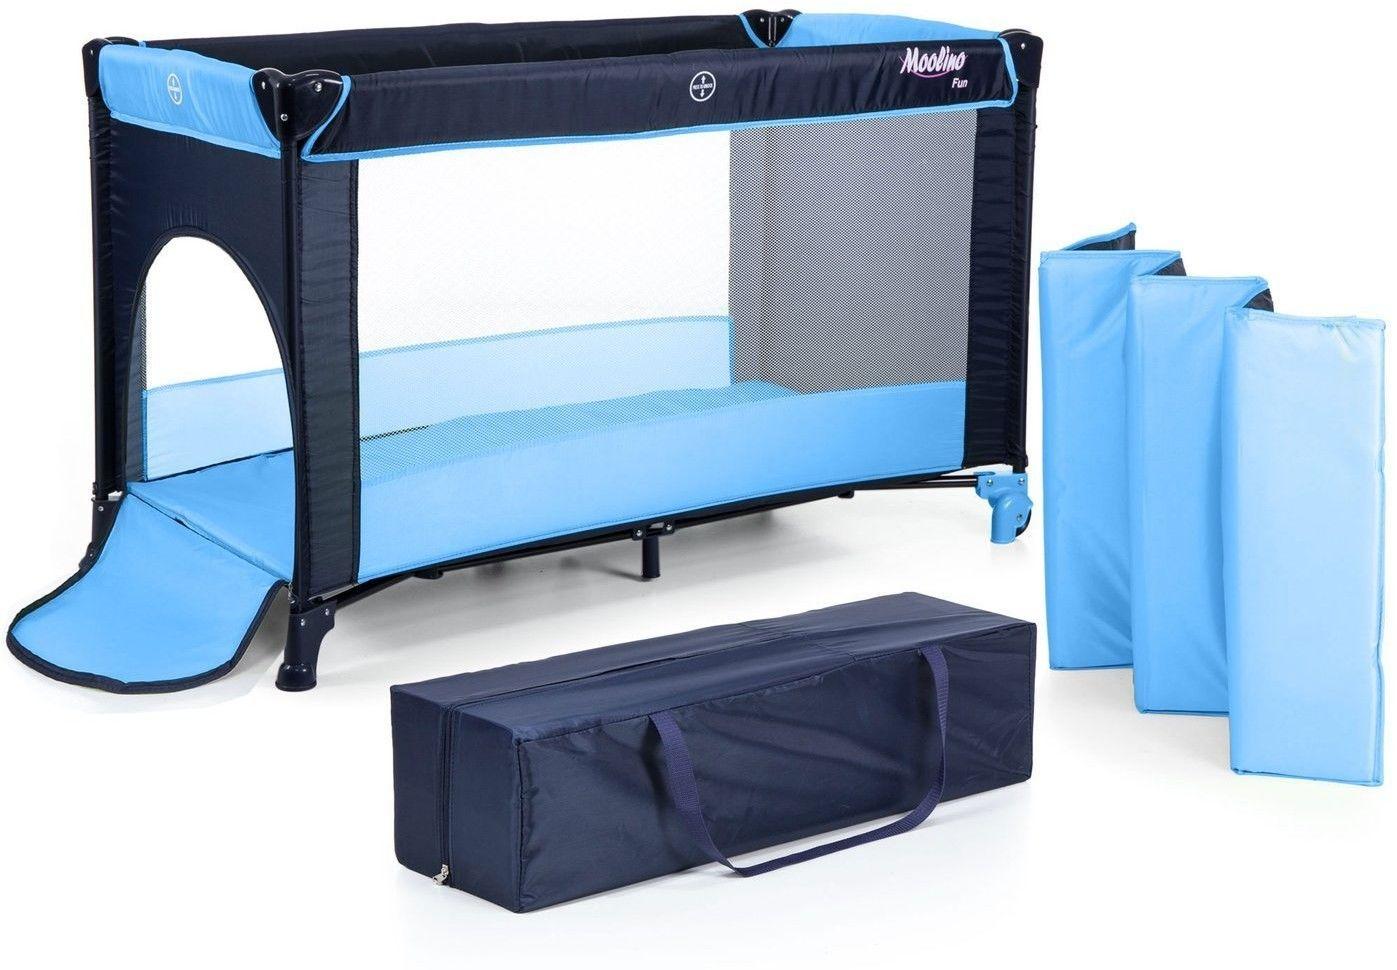 Łóżeczko turystyczne kojec Moolino FUN P900 (Niebieski)